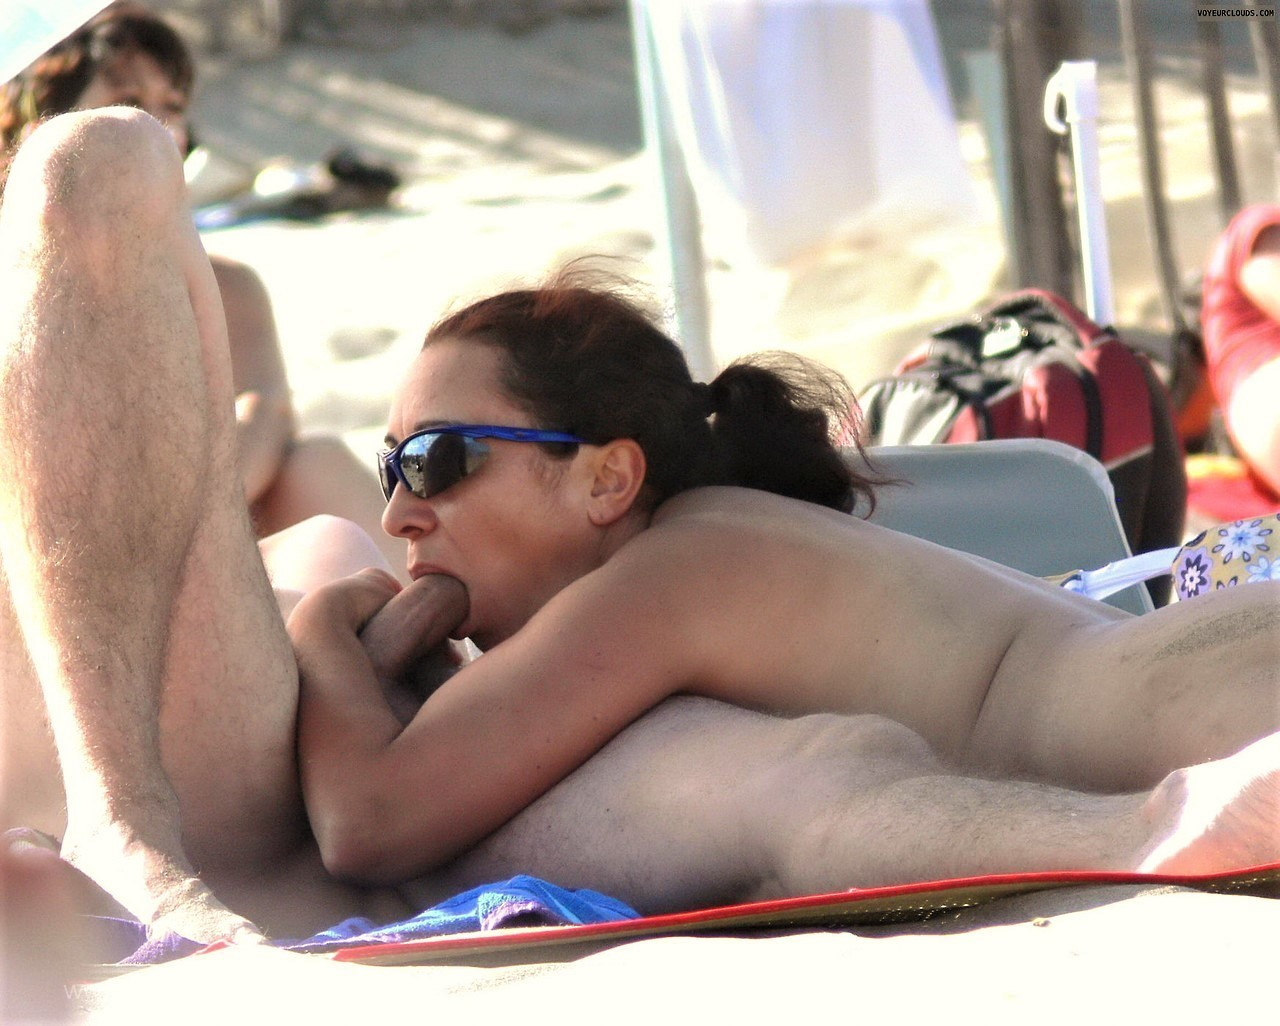 Секс на общественных пляжах, секс на пляже при людях - лучшее порно видео на 13 фотография